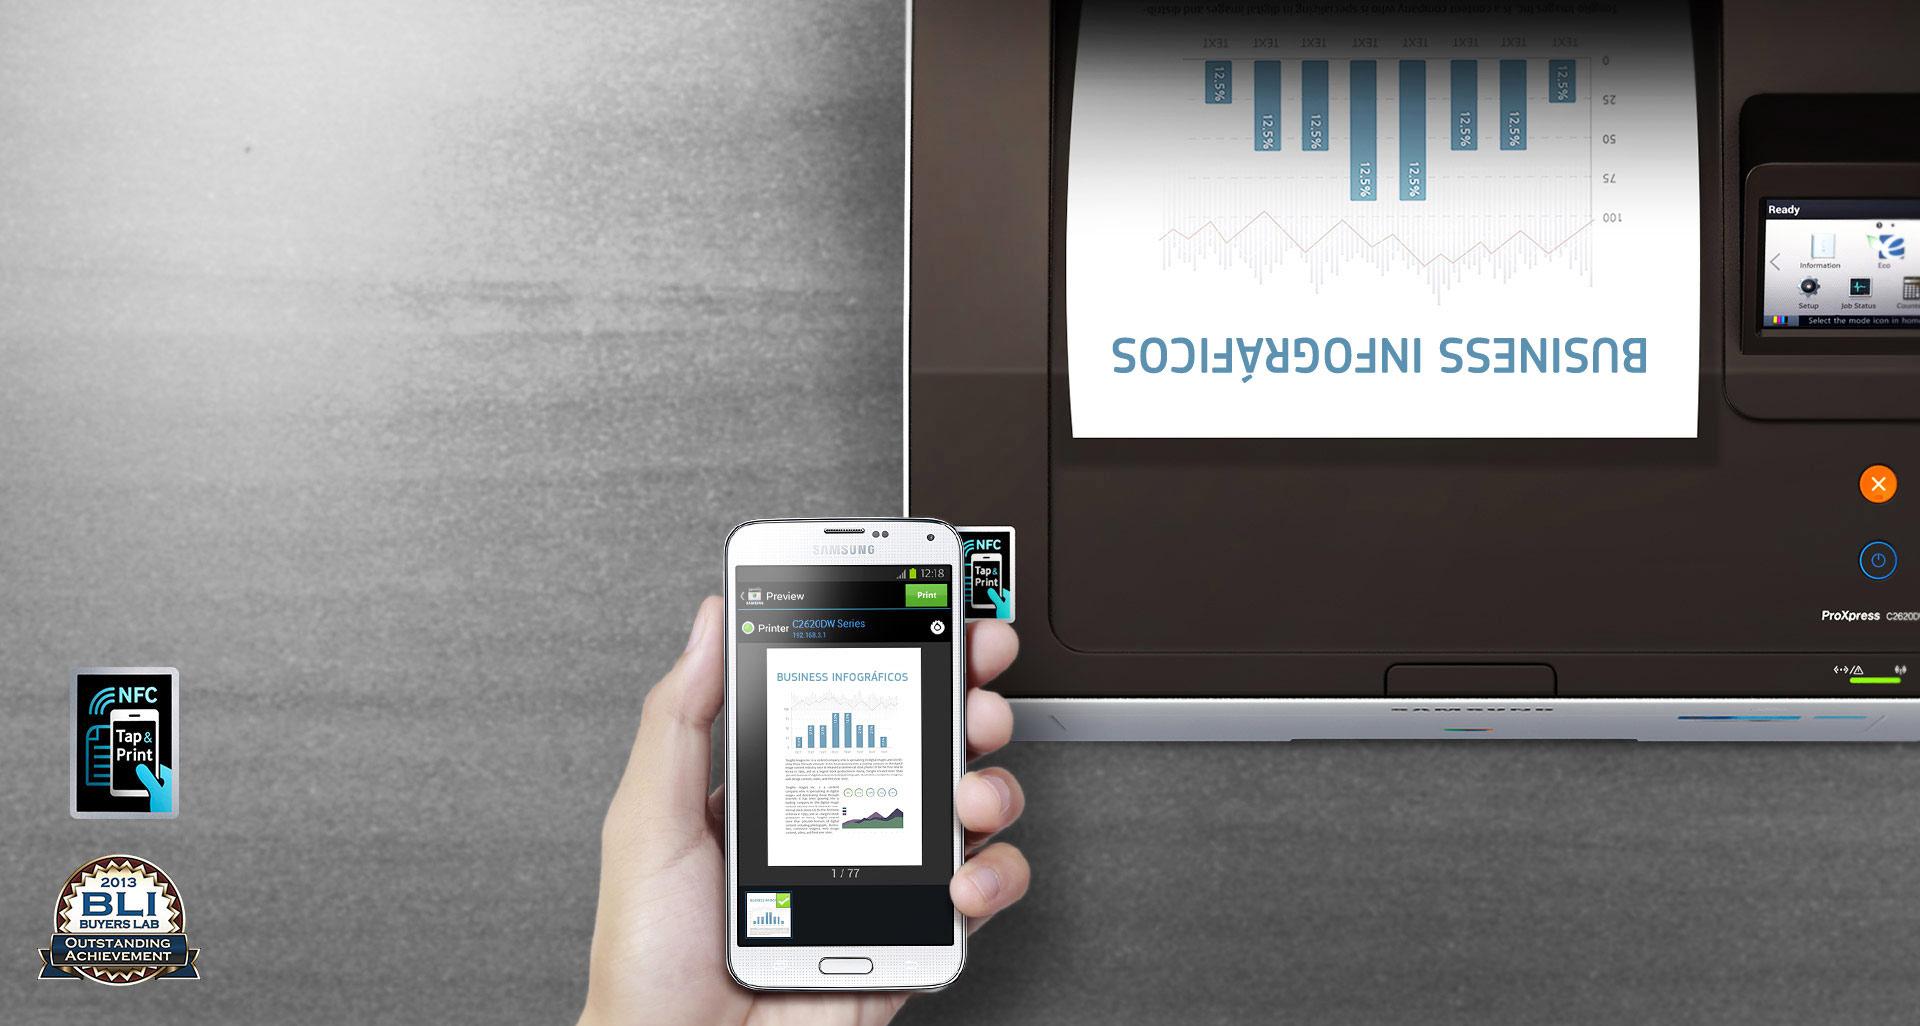 Impresión Samsung NFC tocar imprimir y listo